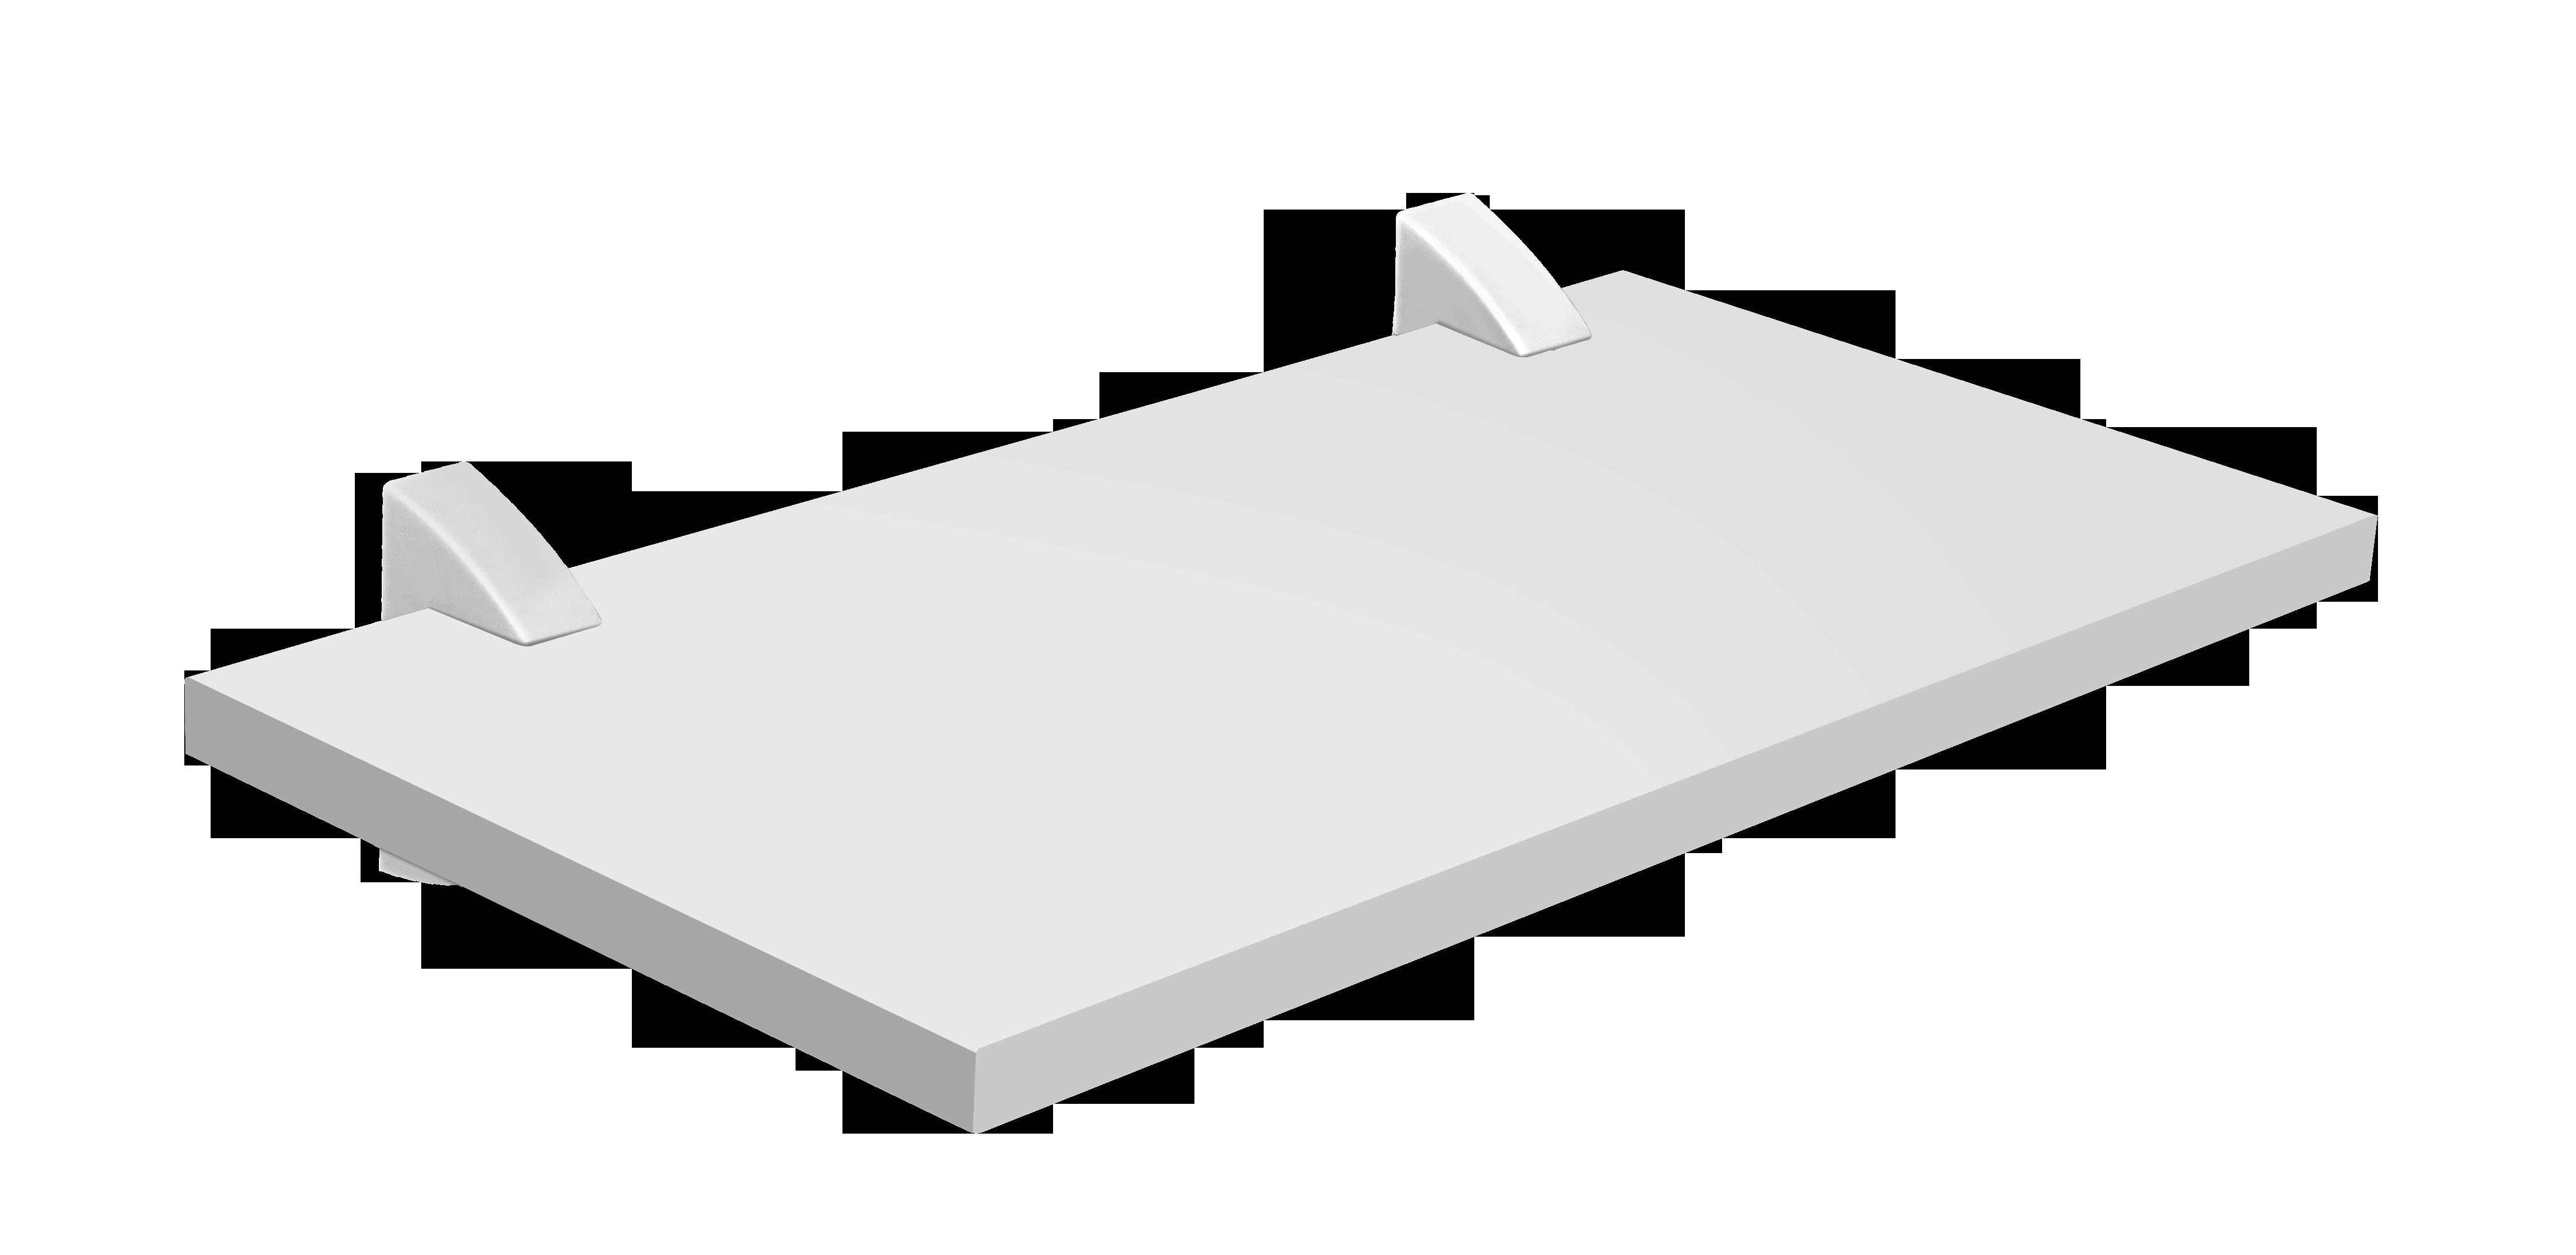 Repisa con soporte de 40cm x 25cm x 1.5cm blanco con capacidad de 20 kilogramos